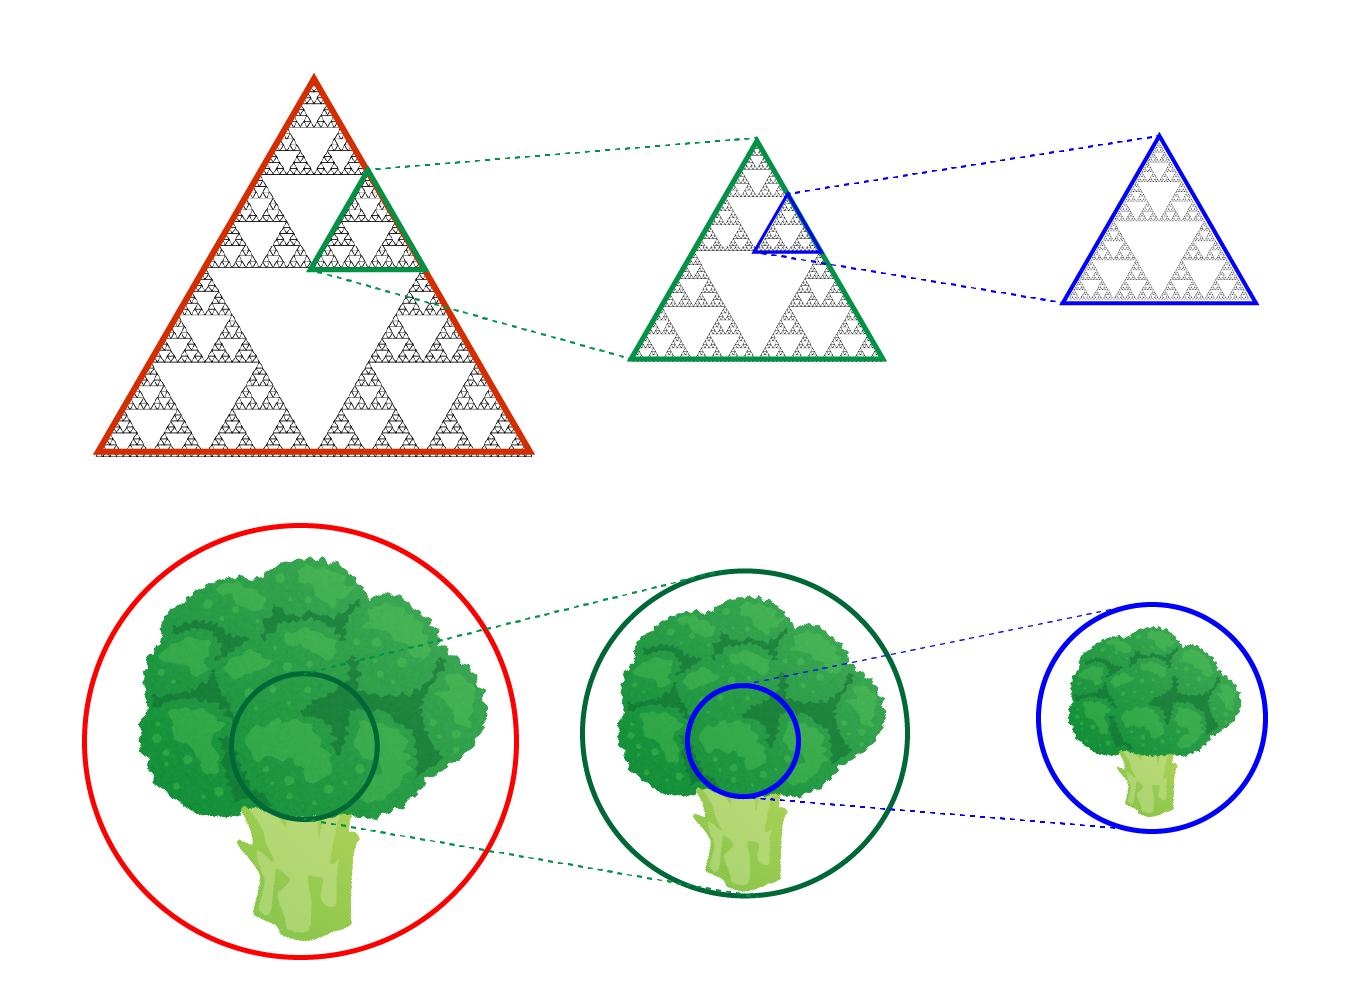 フラクタル構造の例